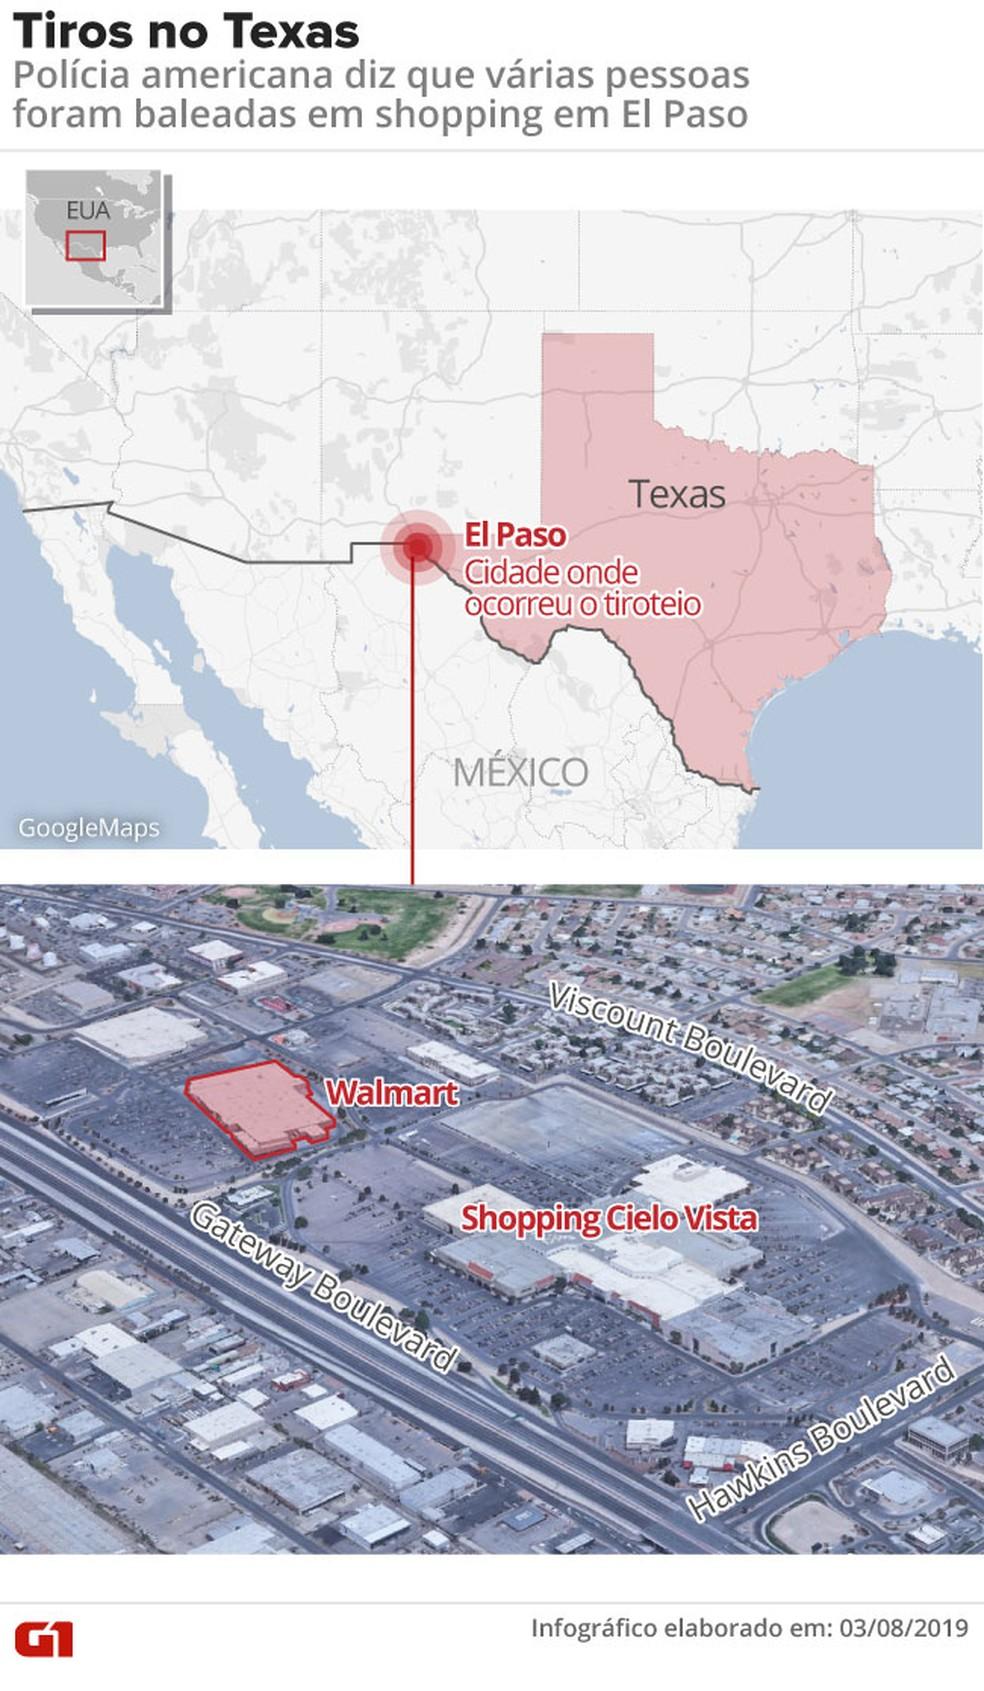 Tiros em El Paso, no Texas, deixam mortos e feridos. — Foto: Robert Jaworski/G1